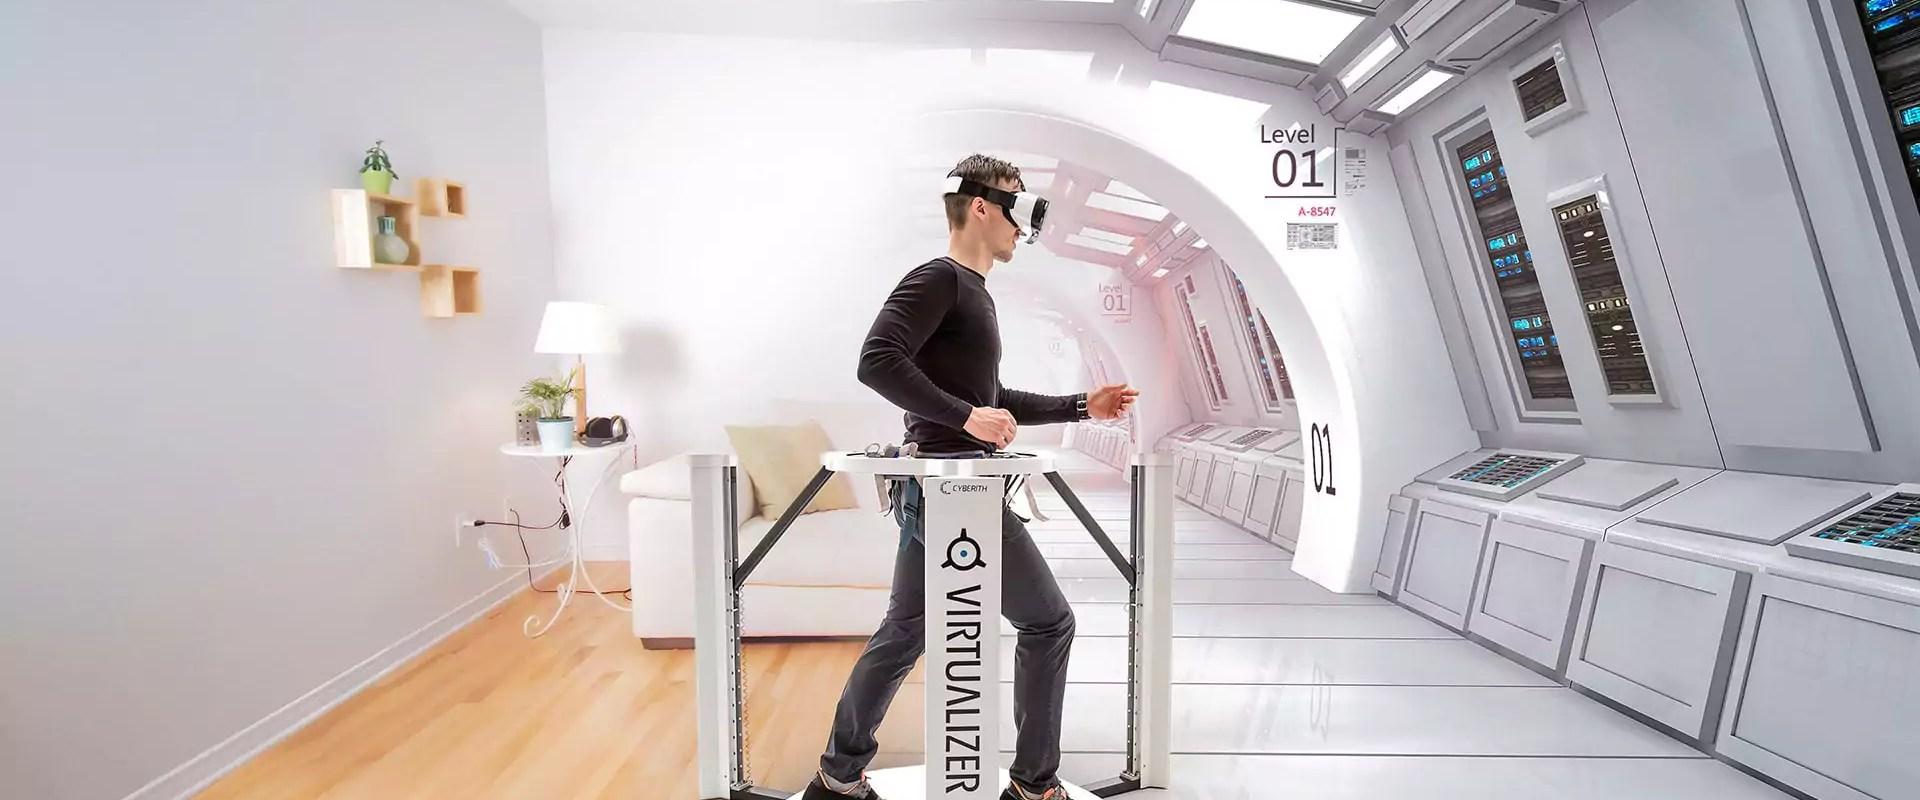 Un projet de salle dédiée à la réalité virtuelle à Strasbourg